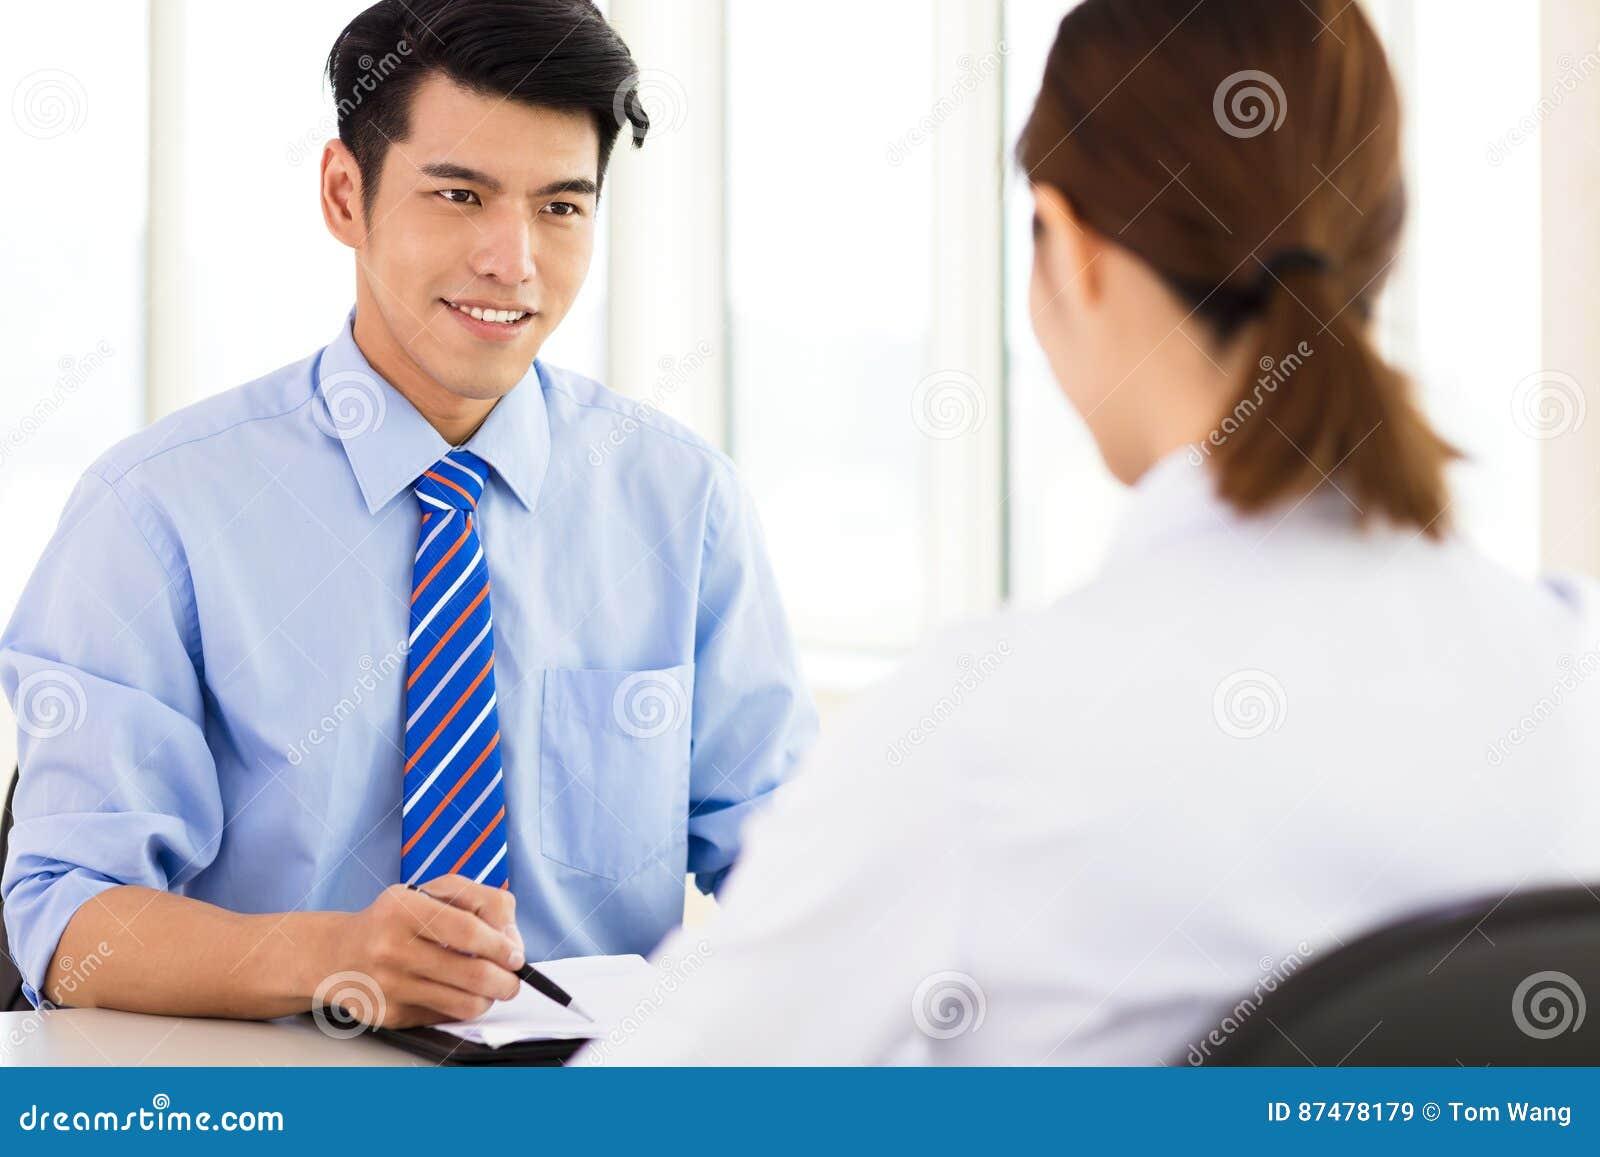 Reclutador que comprueba al candidato durante entrevista de trabajo